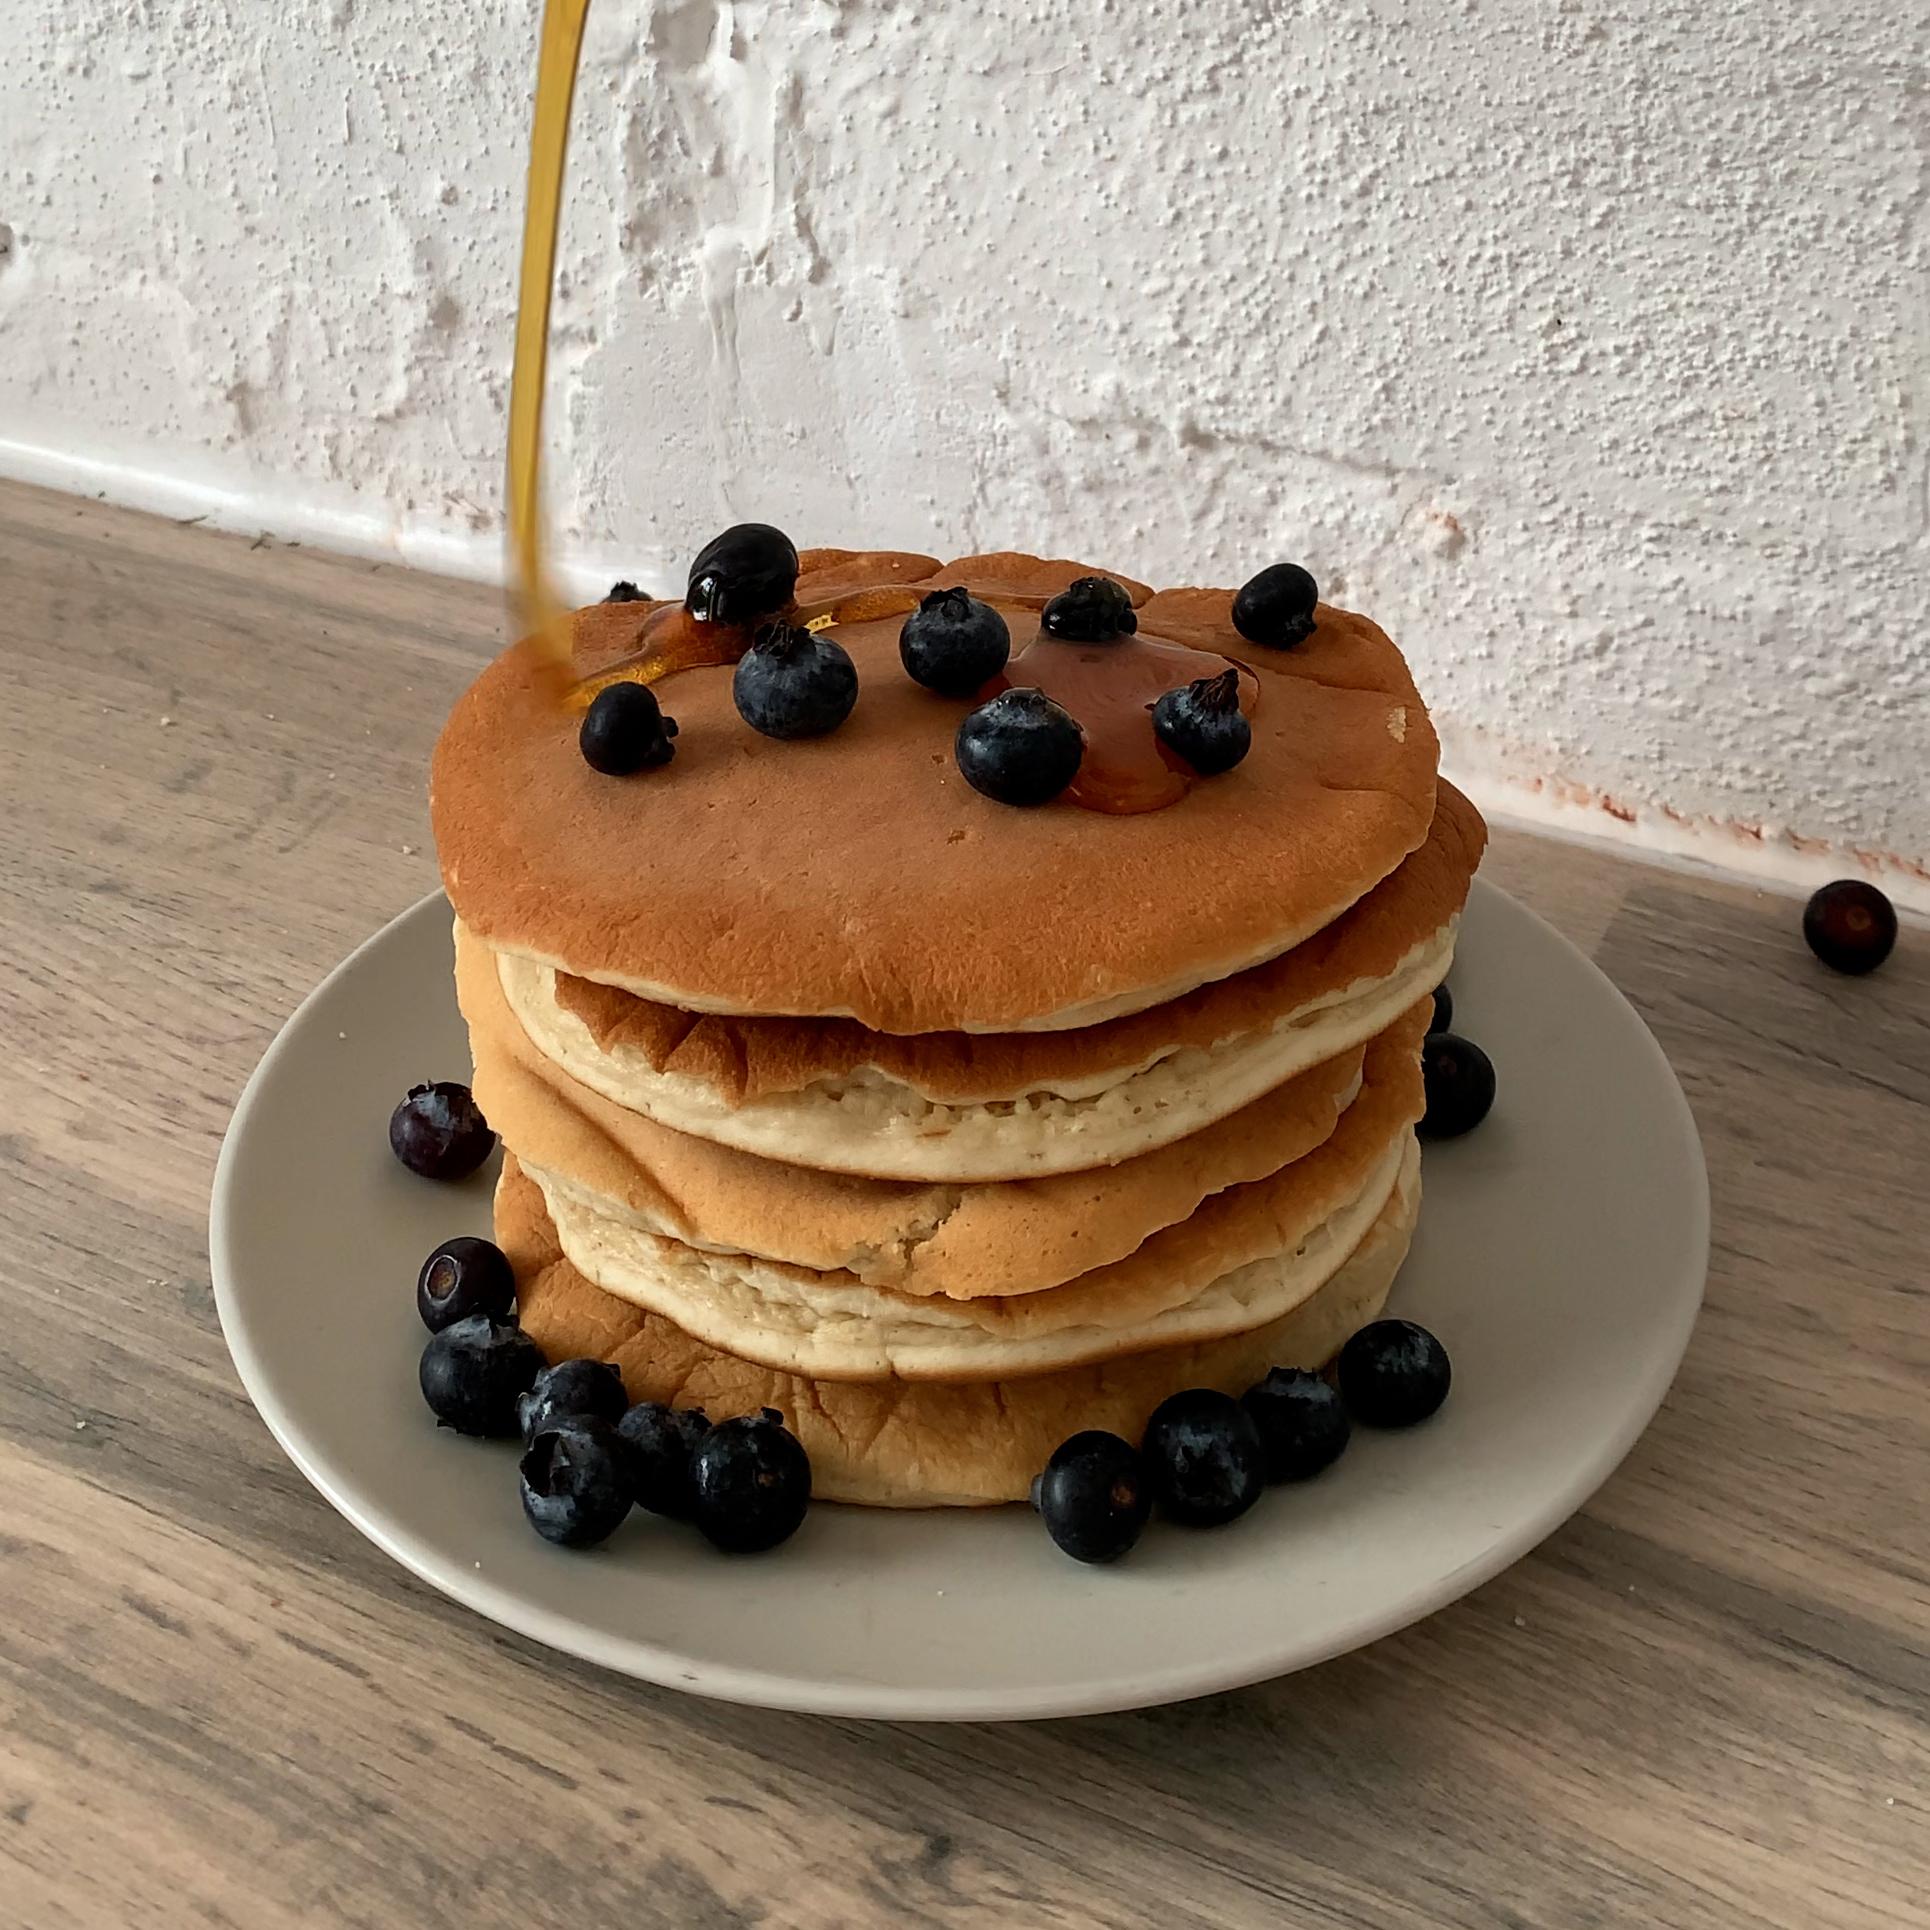 Silver Dollar Pancake Recipe